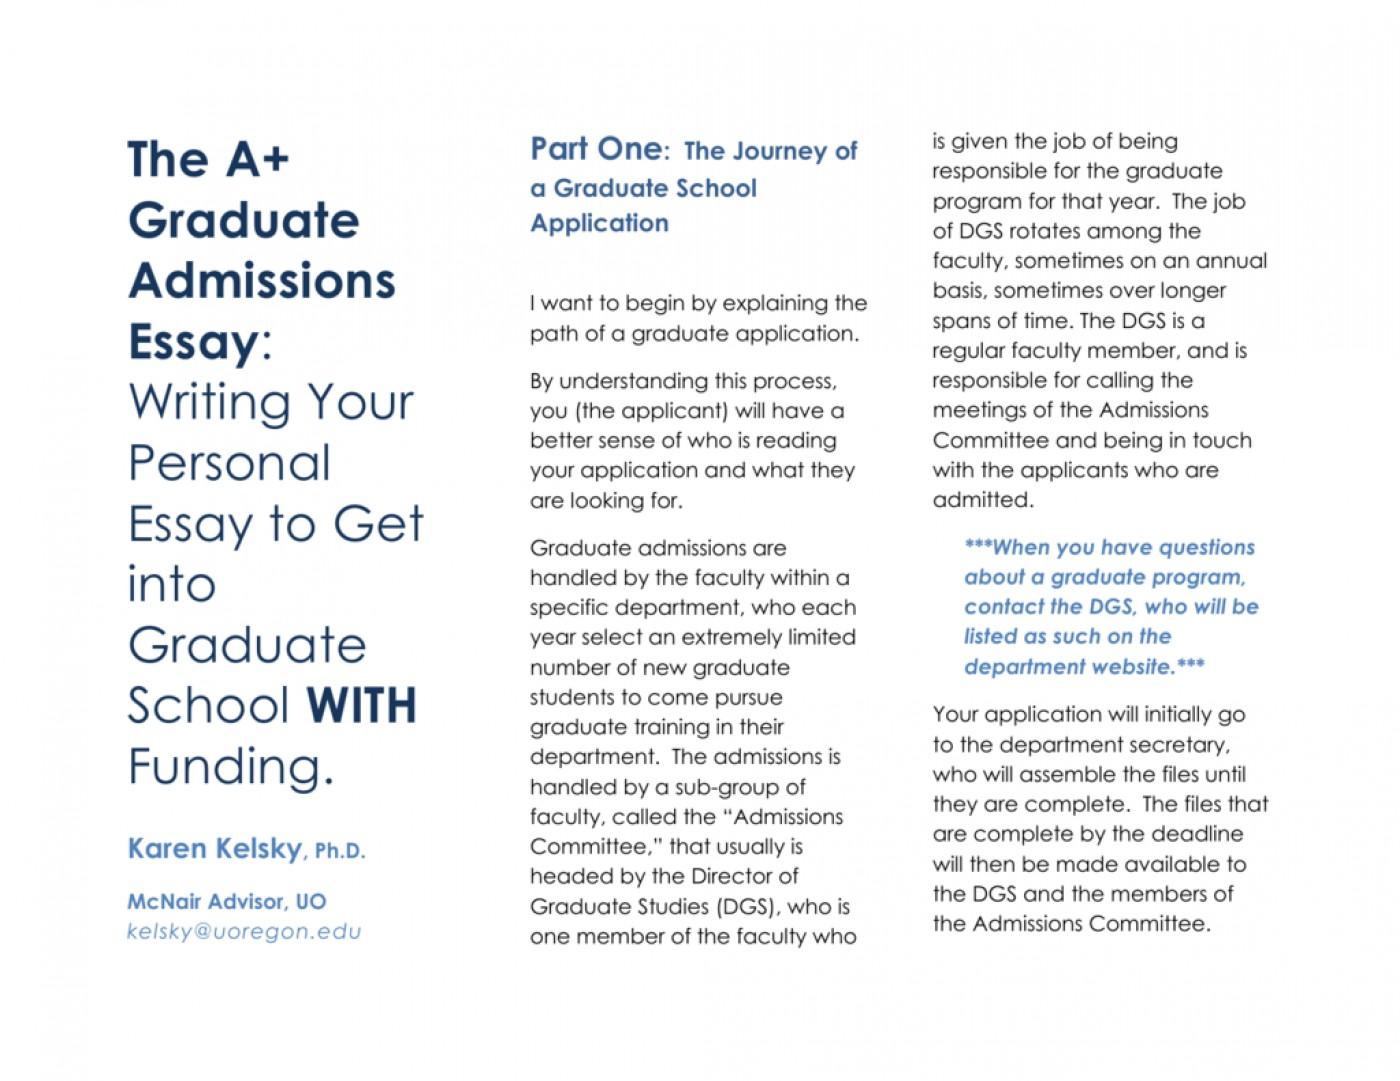 020 Essay Example For Graduate Admission 007005553 1 Surprising Nursing School Personal 1400